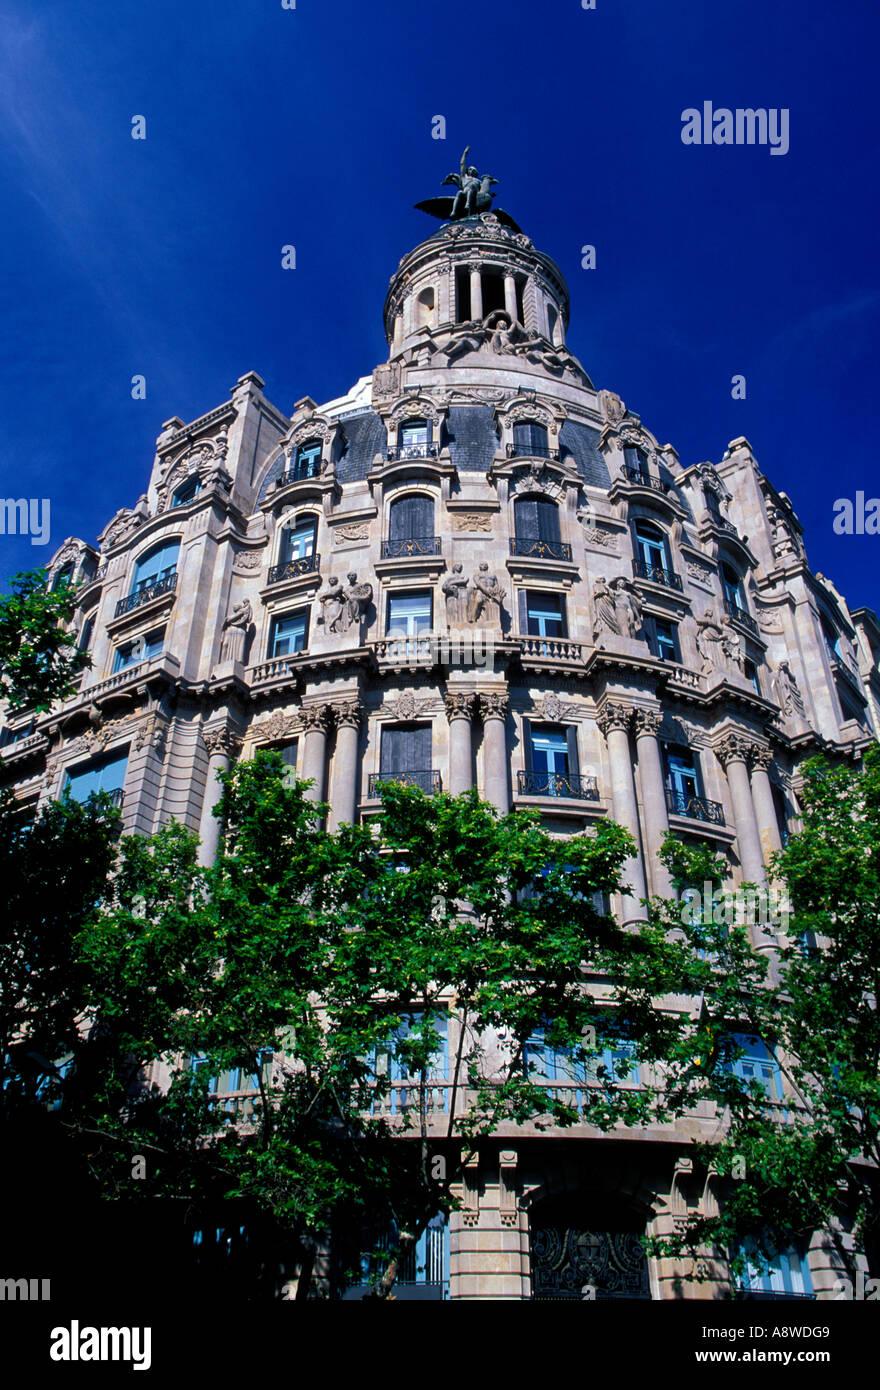 Design El Barcelona | La Union Y El Fenix Espanol Design Von Eusebi Bona Puig Barcelona